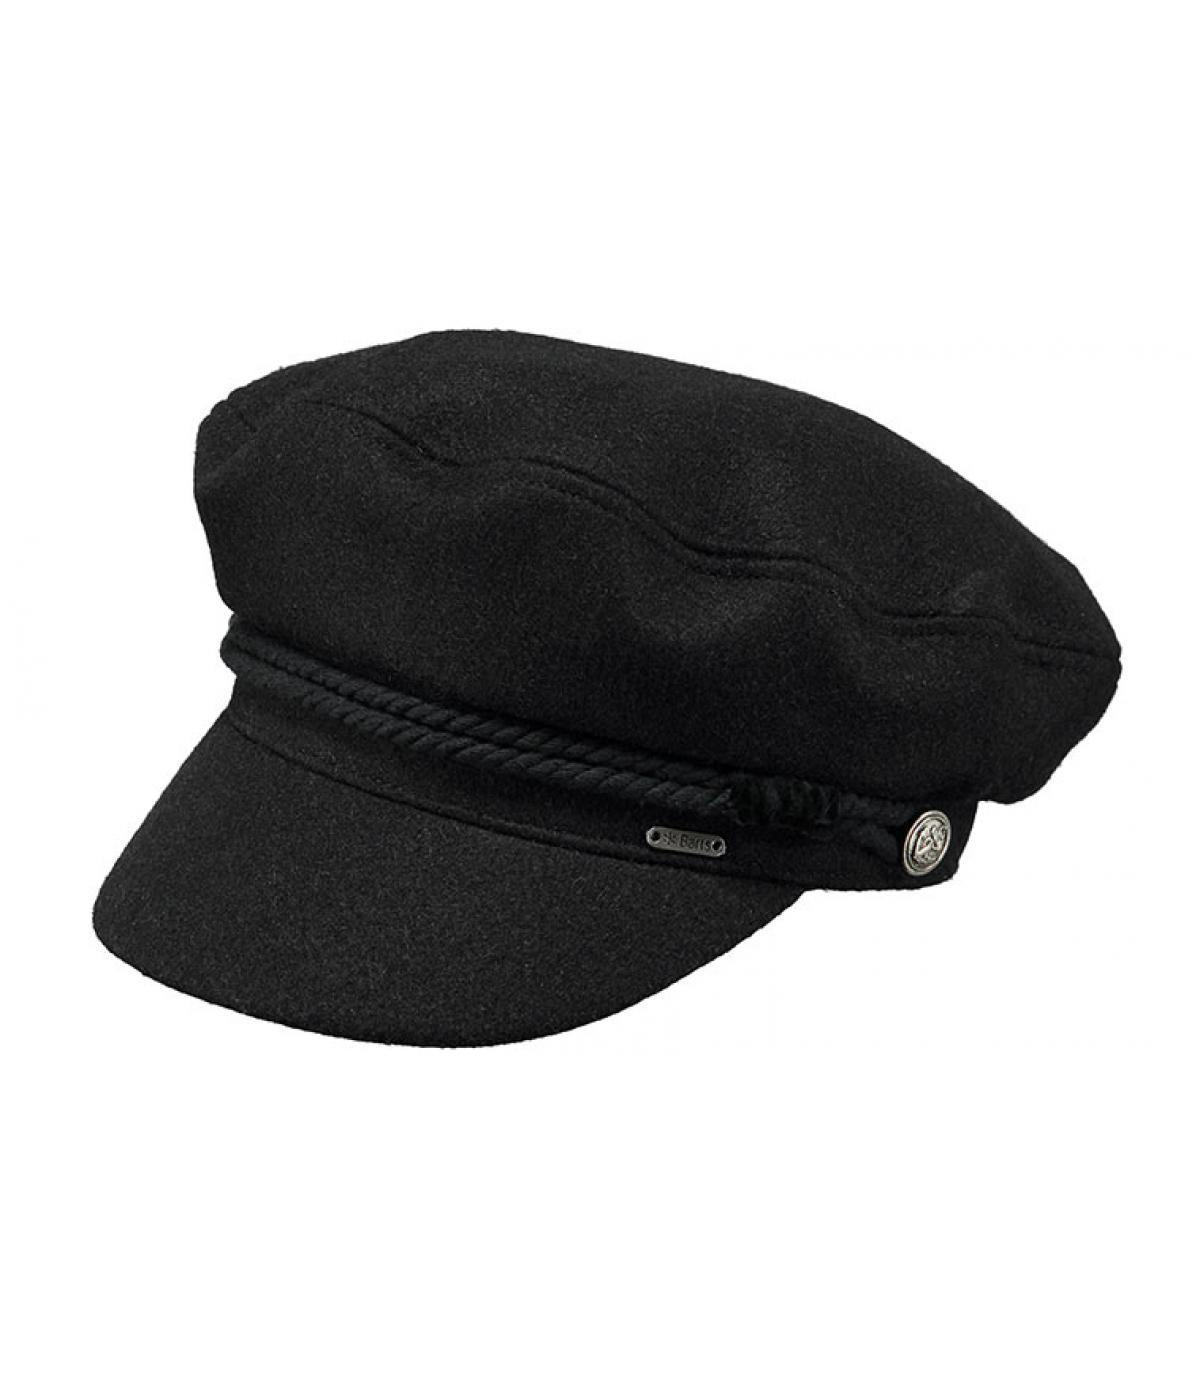 Detalles Skipper Cap black imagen 2